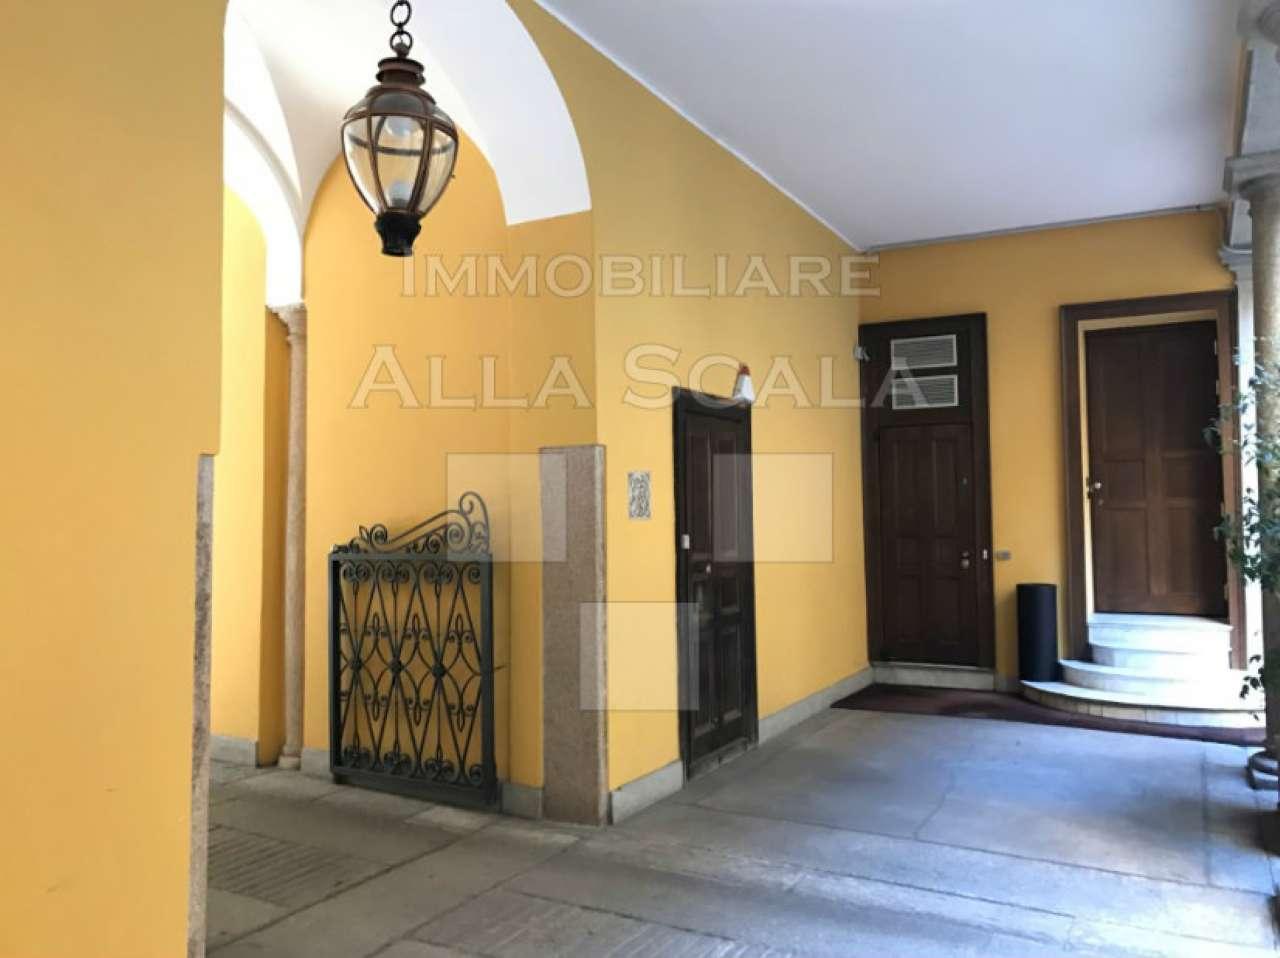 Attico in Vendita a Milano: 4 locali, 130 mq - Foto 6